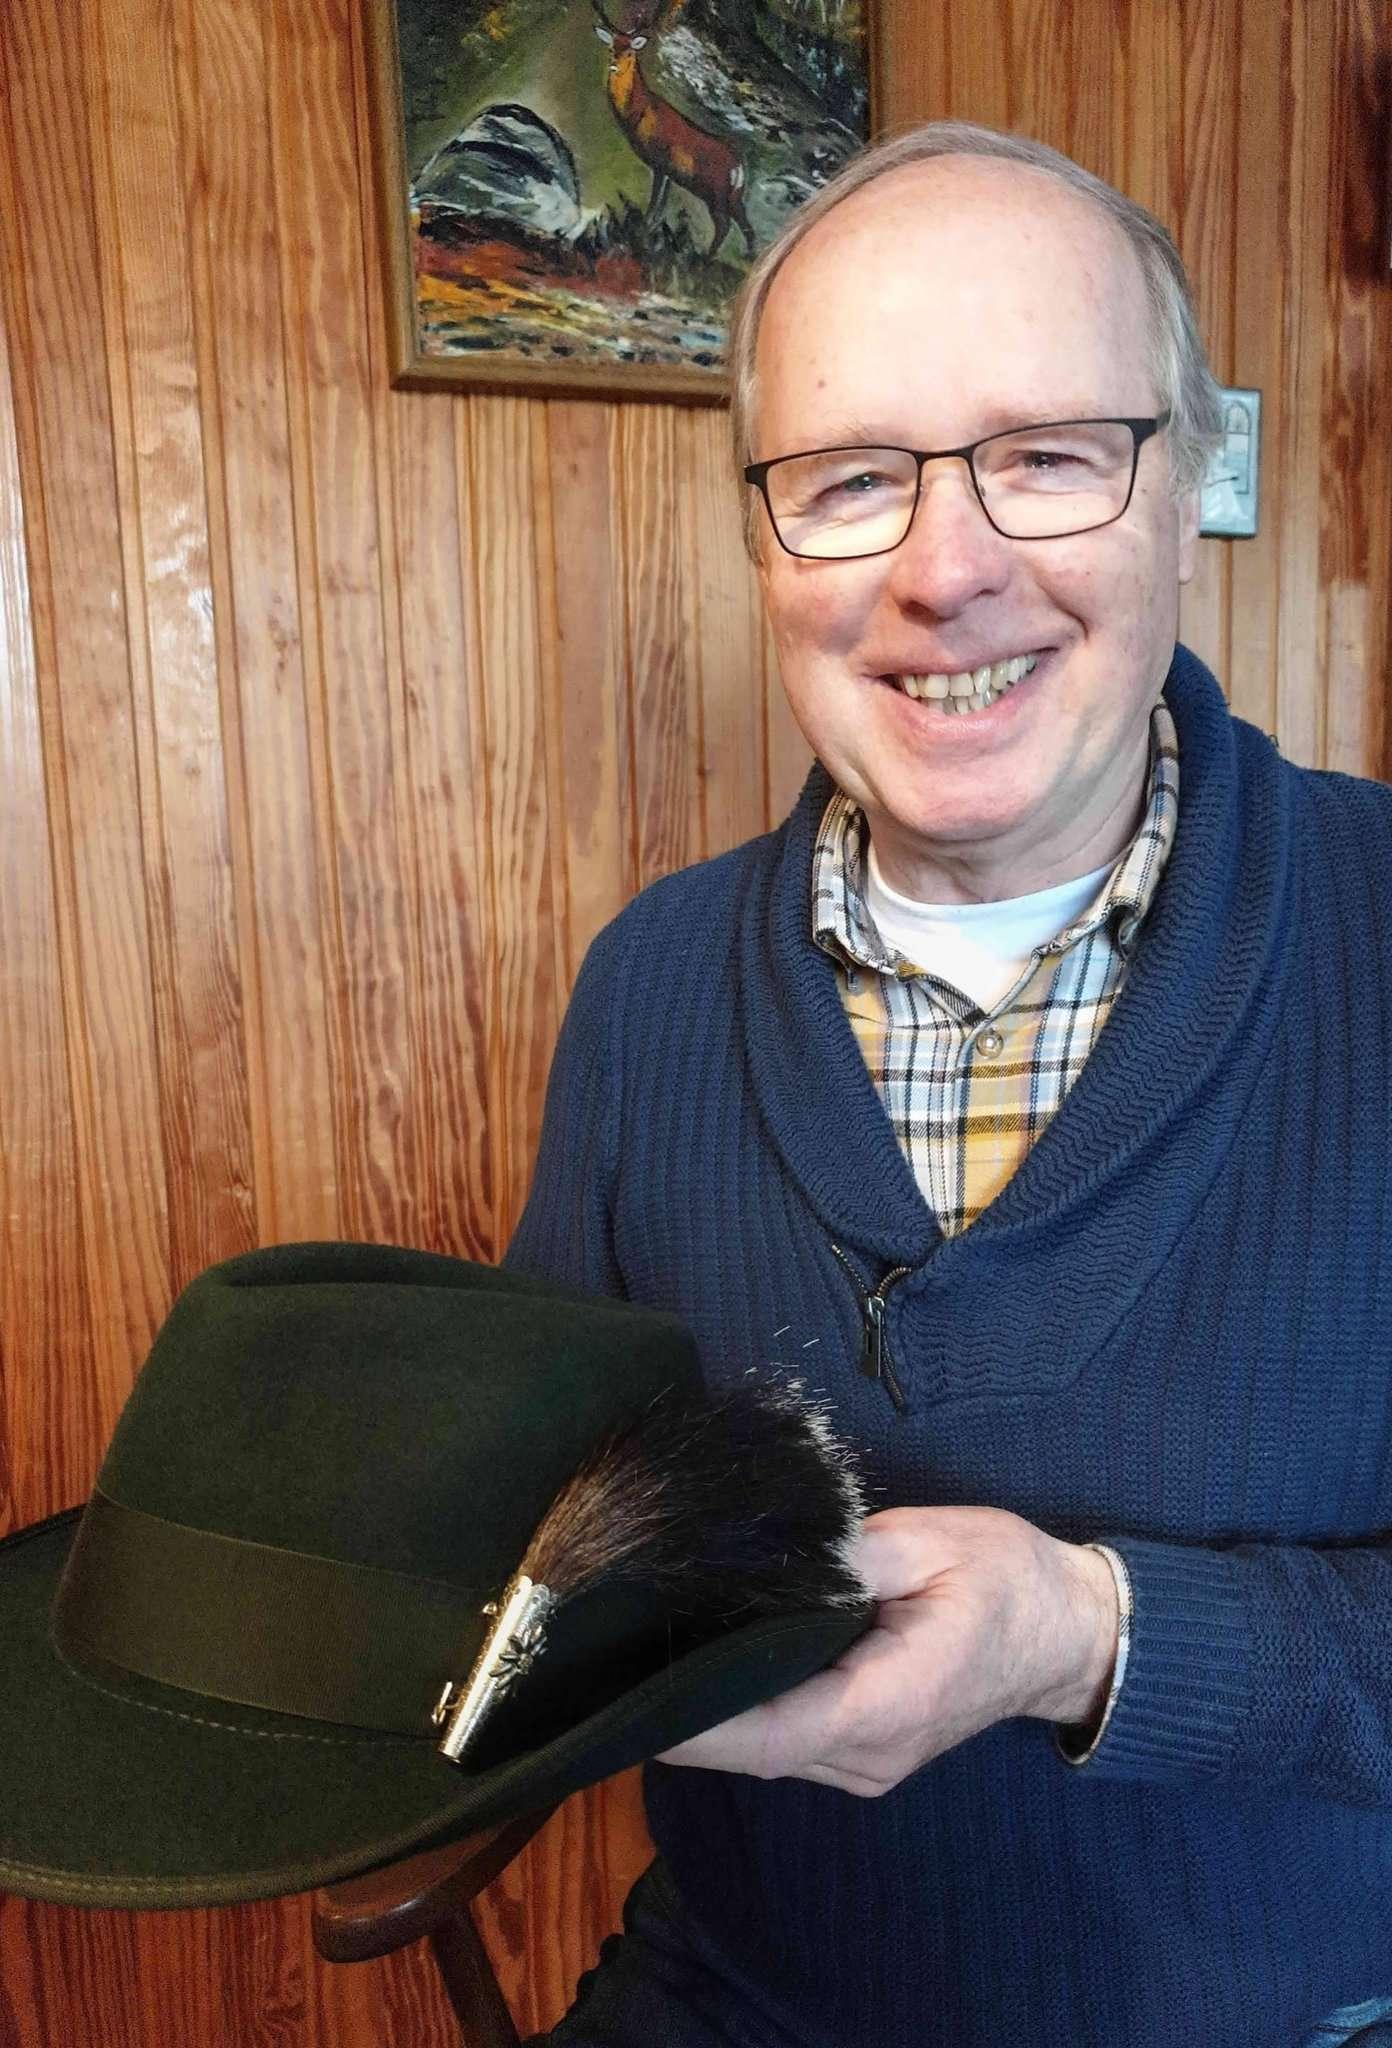 SSG-Vorsitzender Johann Bollmann hofft, bald wieder einen Anlass zu haben, seinen Schützenhut tu tragen. Foto: Tobias Woelki